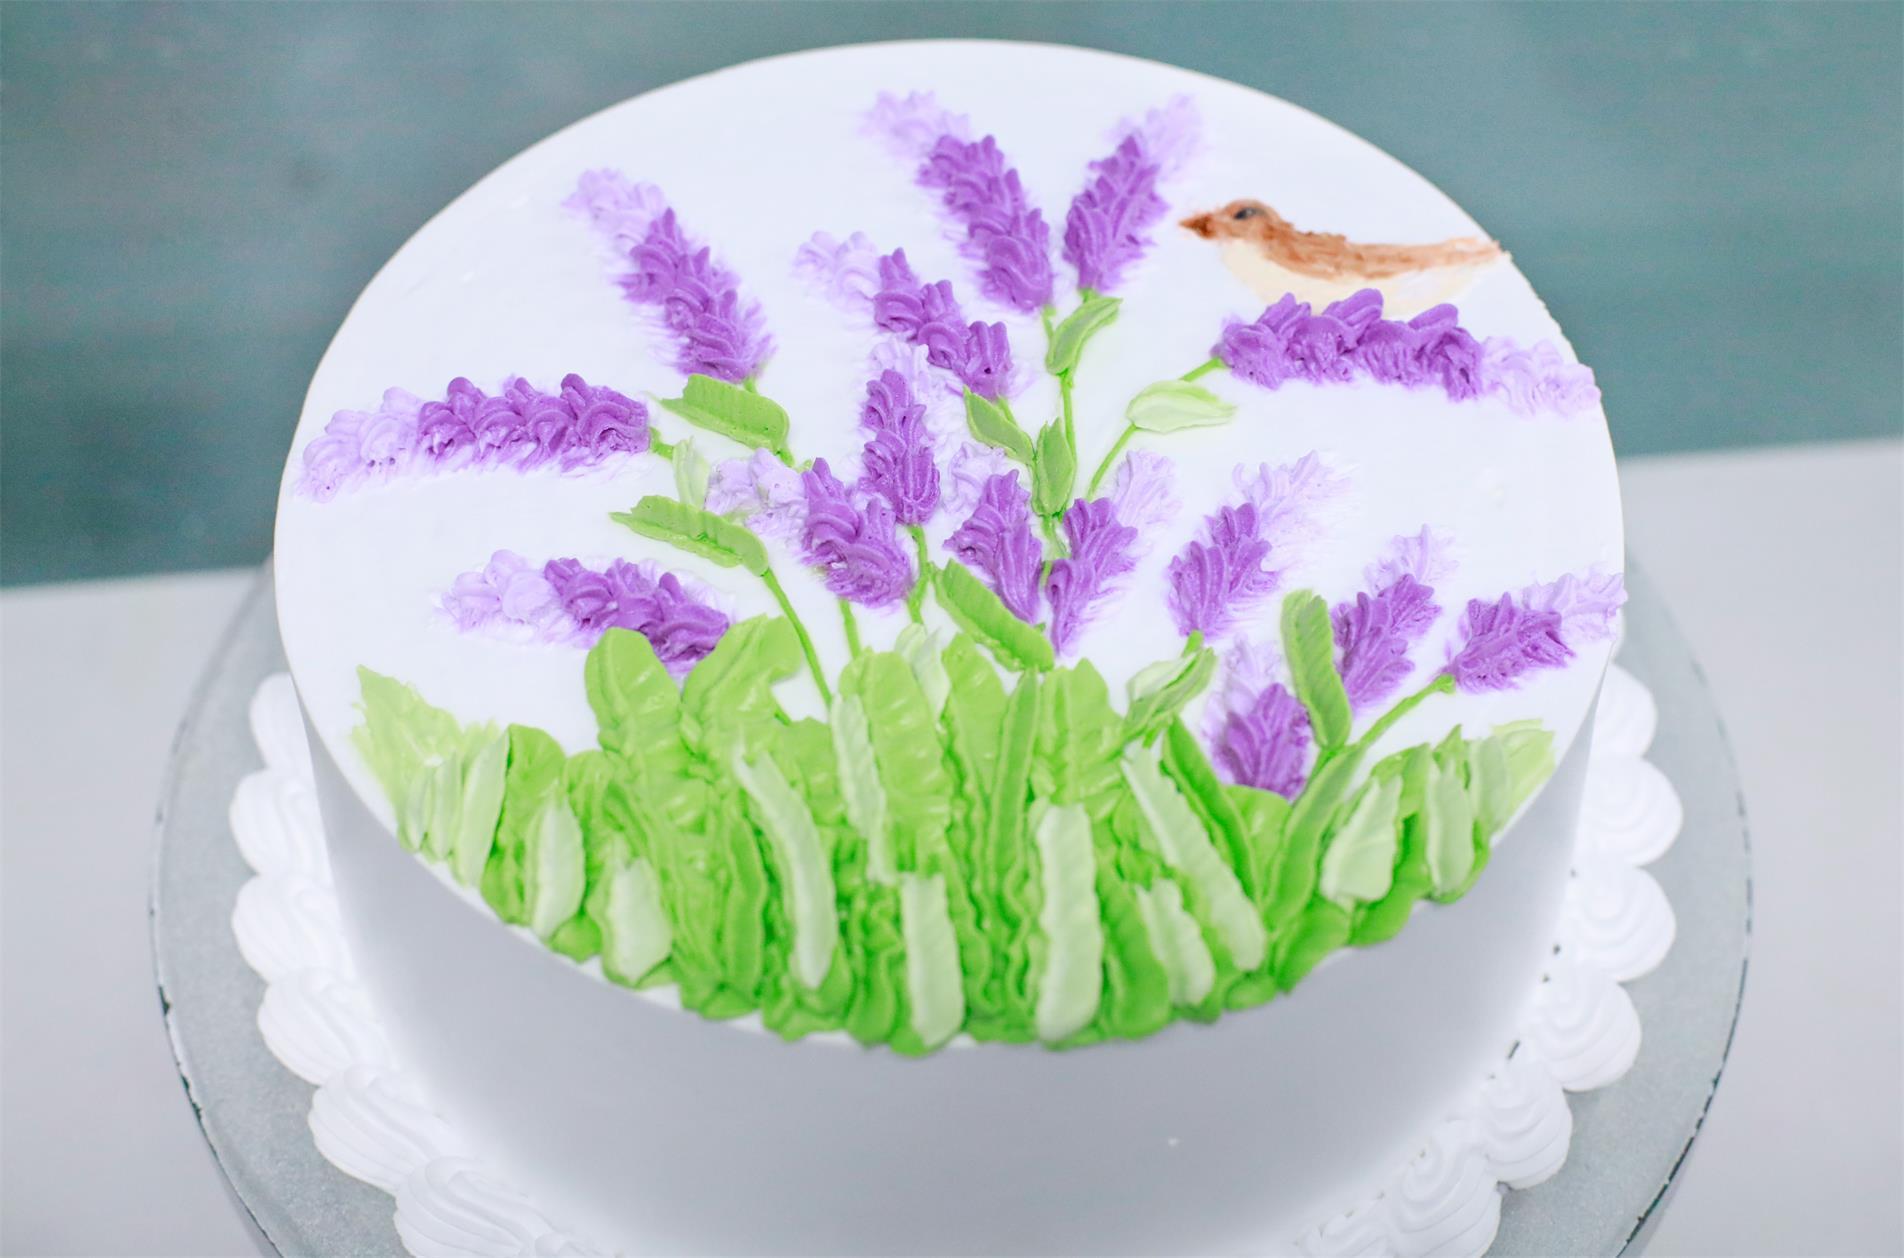 贵阳哪个蛋糕培训好,贵阳奶油裱花培训认准贵阳楚留仙